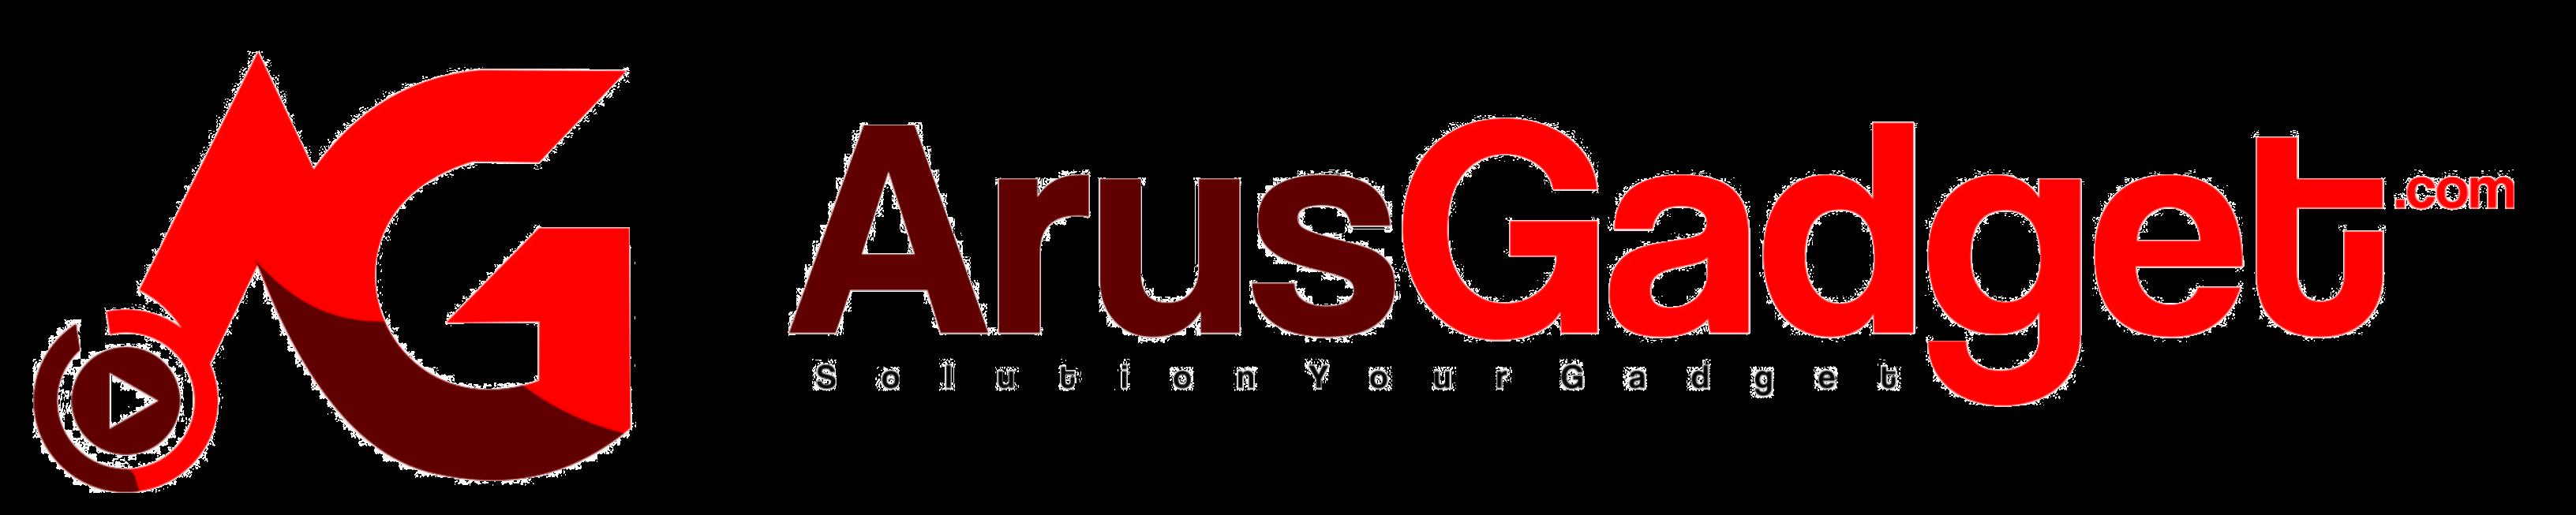 ArusGadget.com